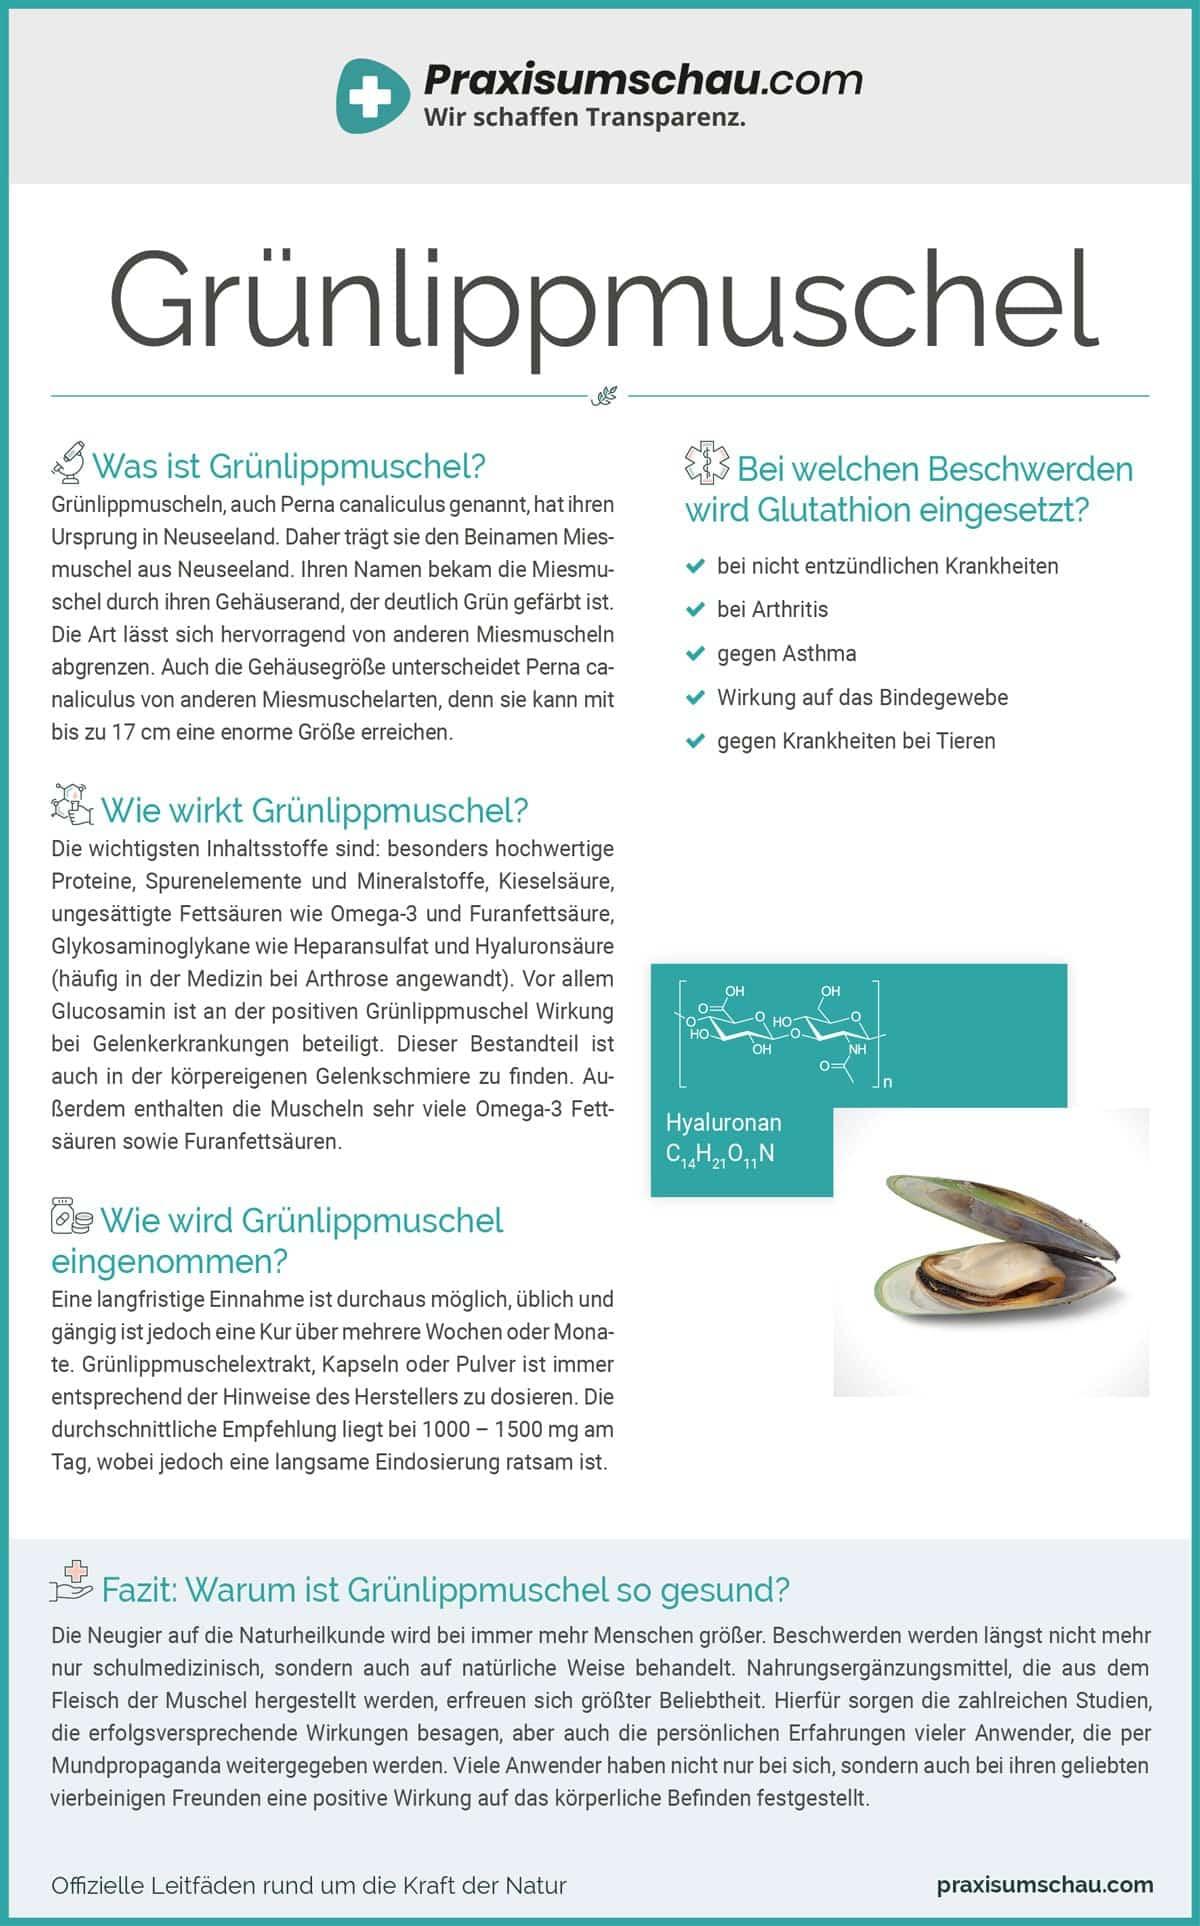 Gruennlippmuschel infografik pu